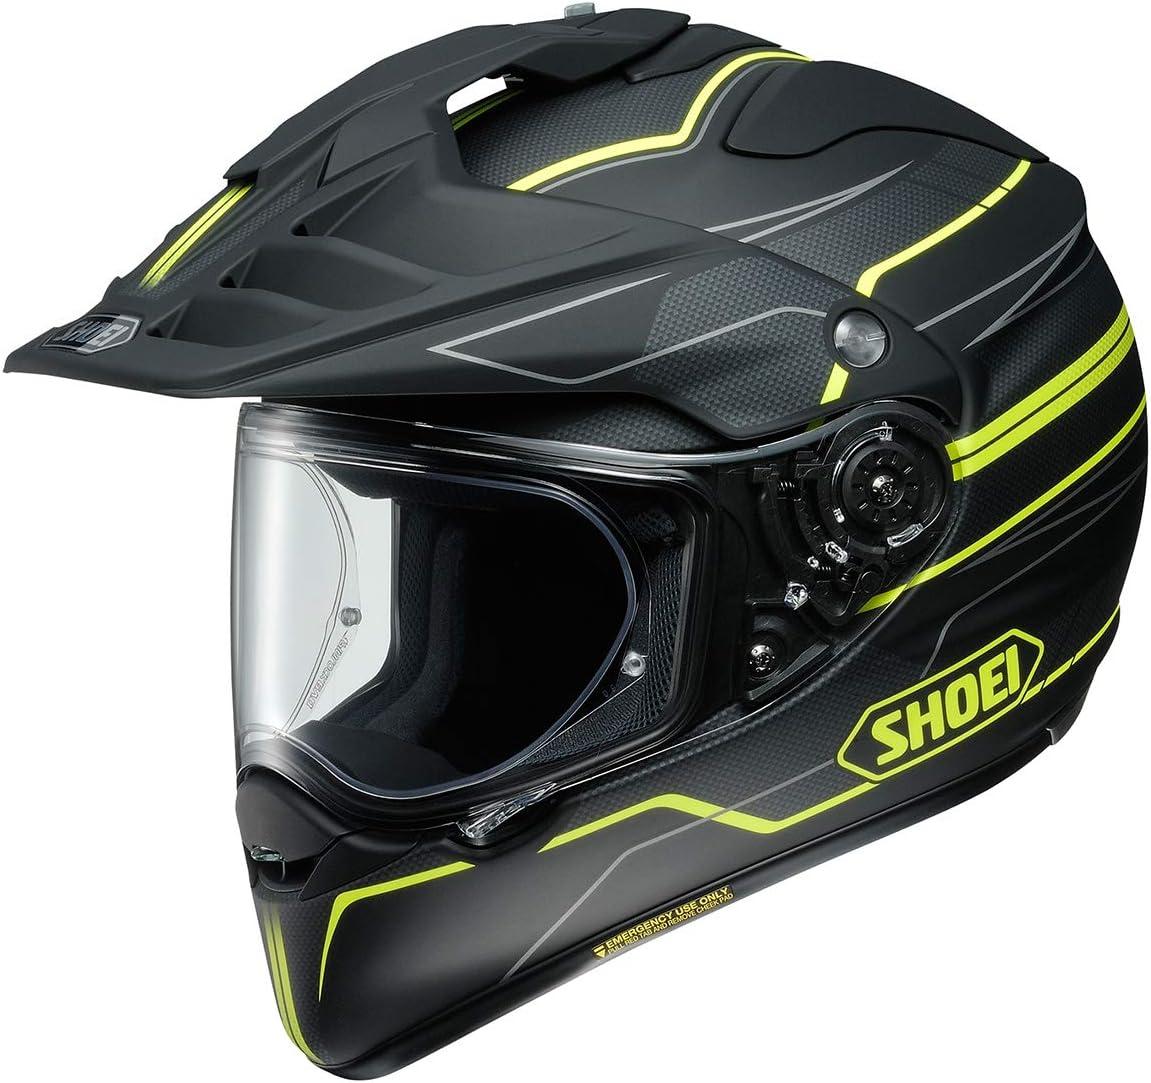 Shoei Hornet X2 Navigate Street Racing Motorcycle Helmet